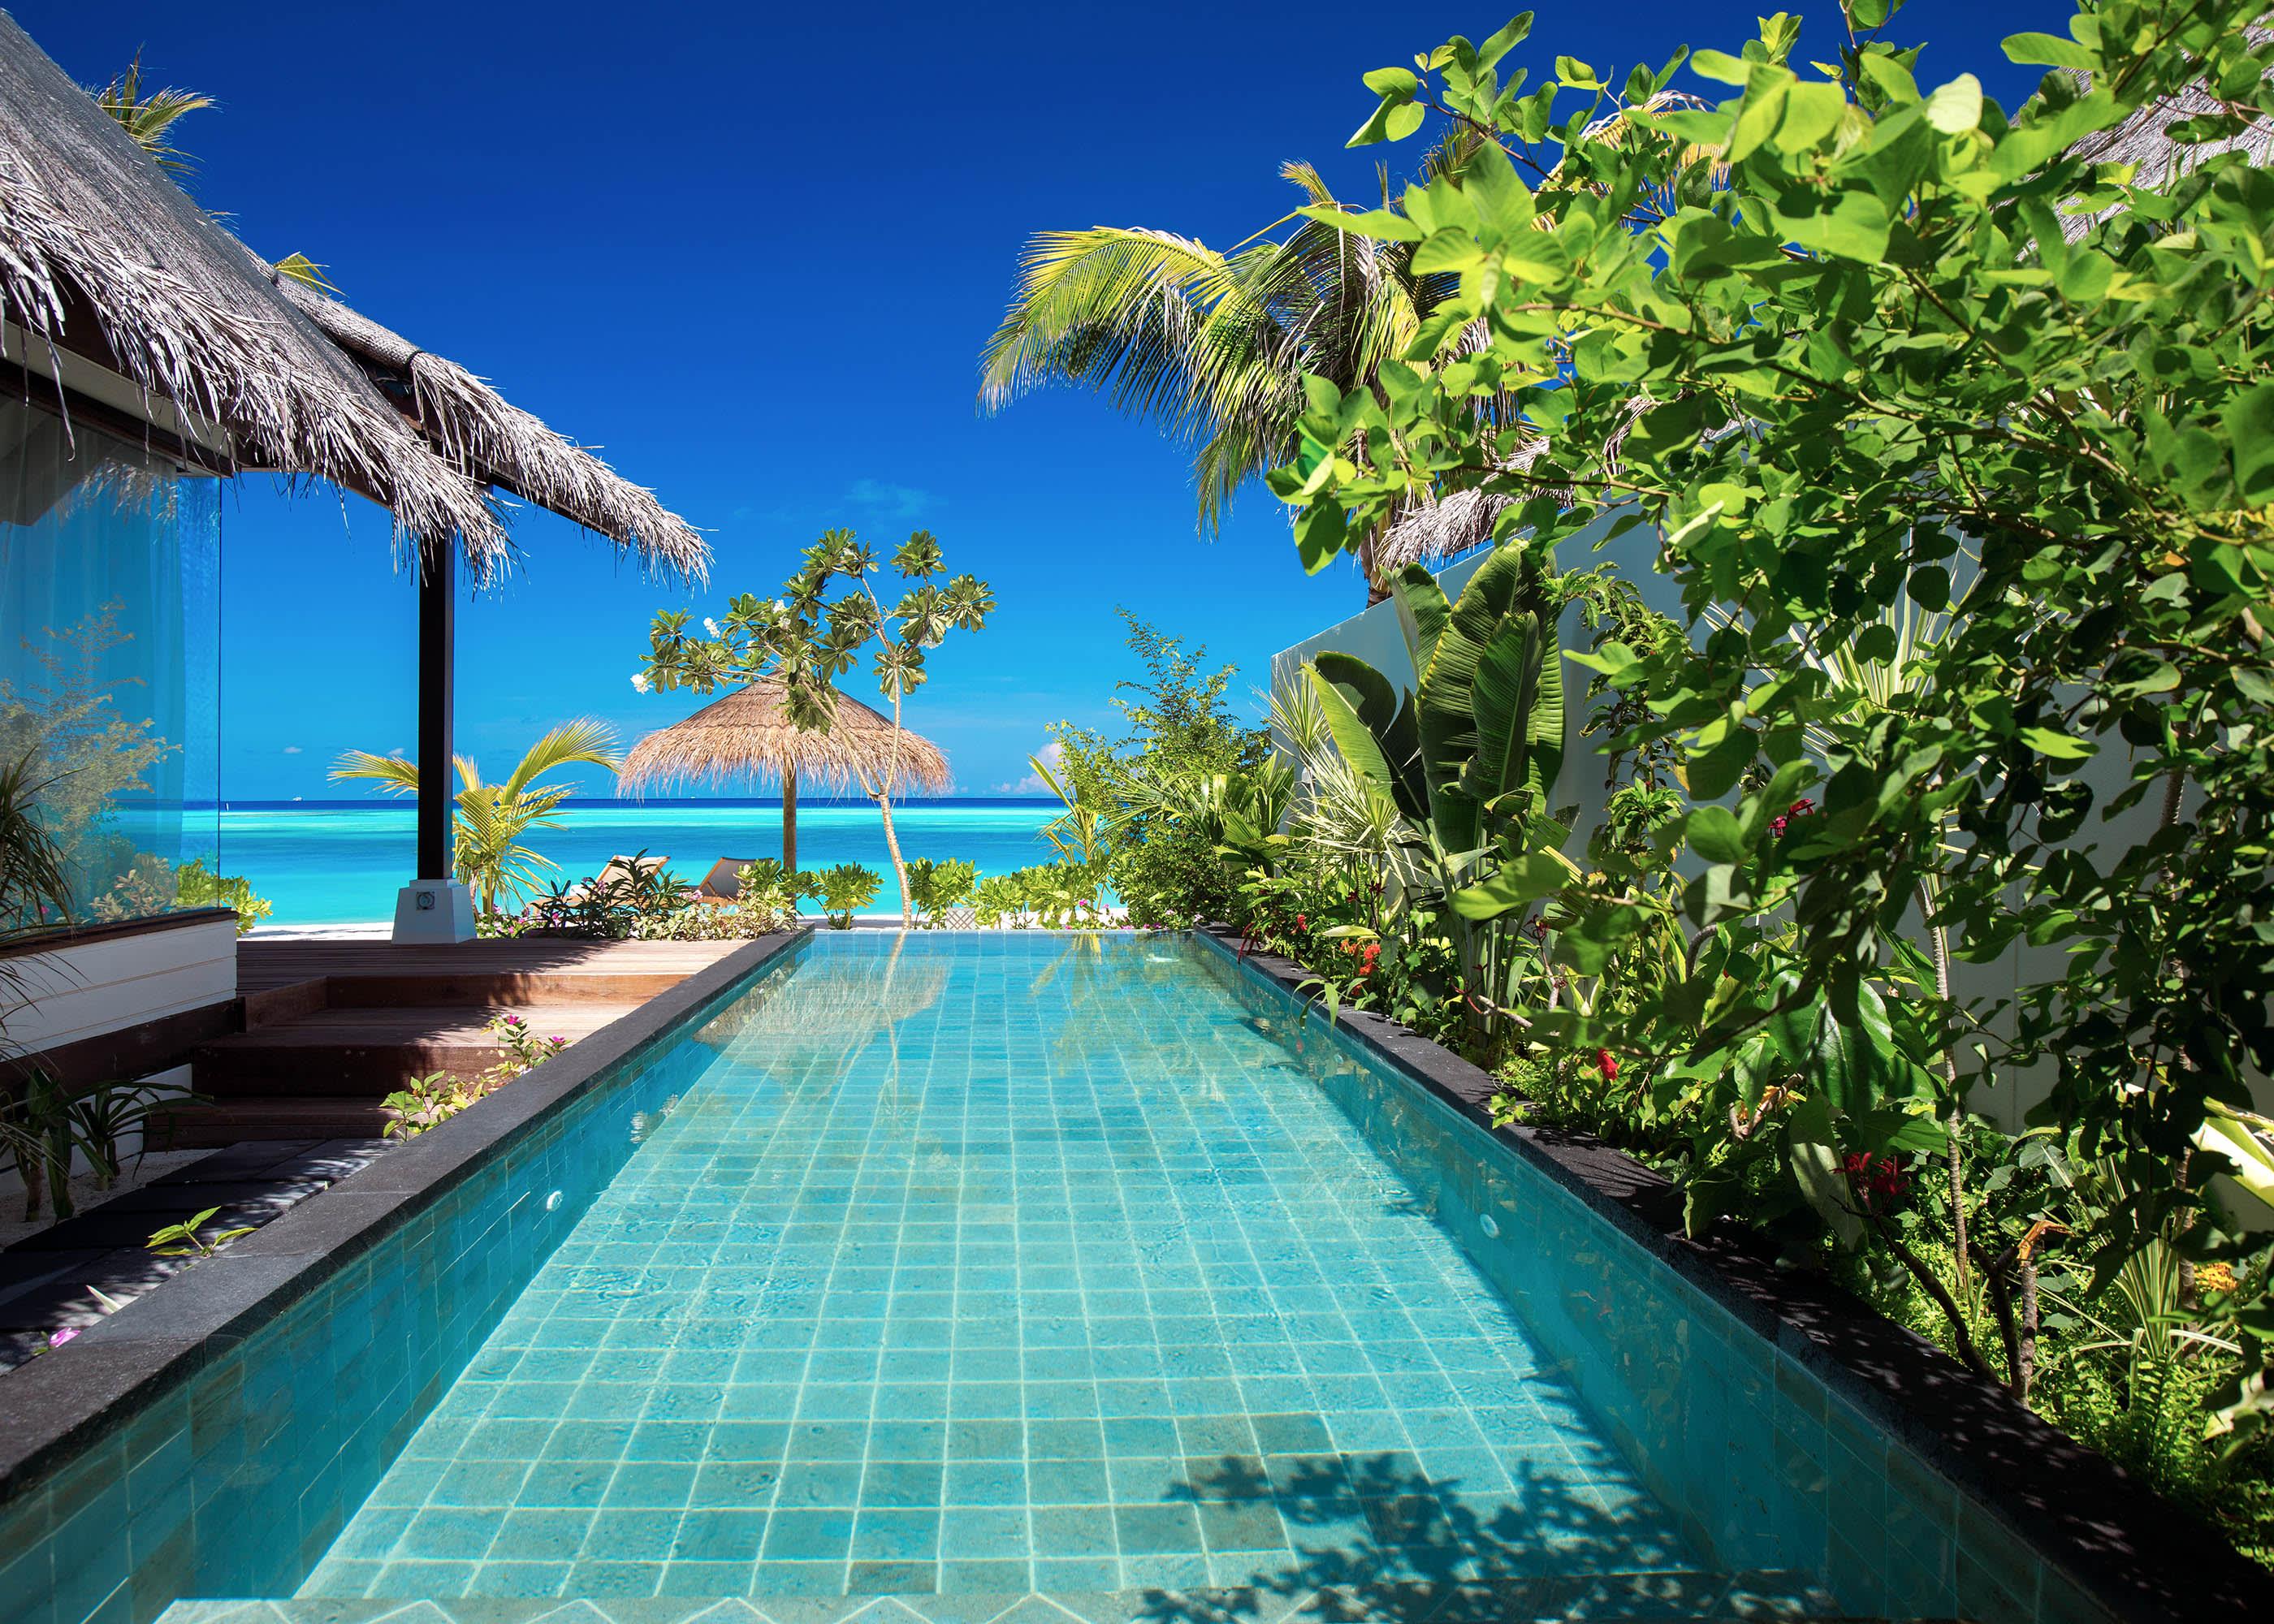 Earth villa pool